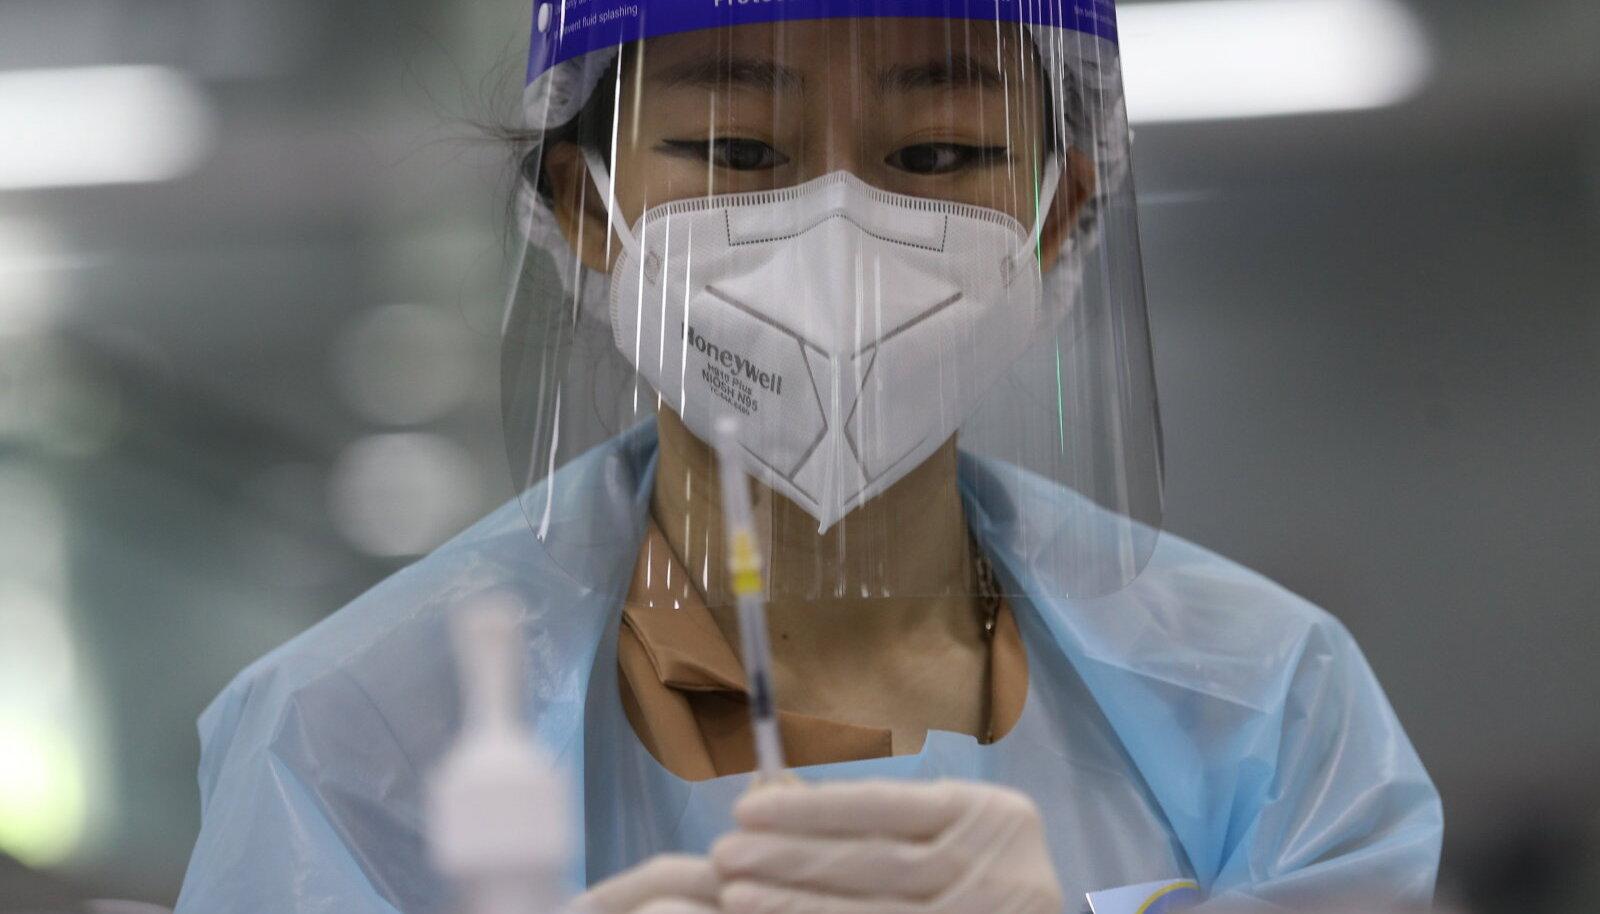 Näiteks Bangkokis kasutatakse nii AstraZeneca kui ka Hiina Sinovaci vaktsiine.